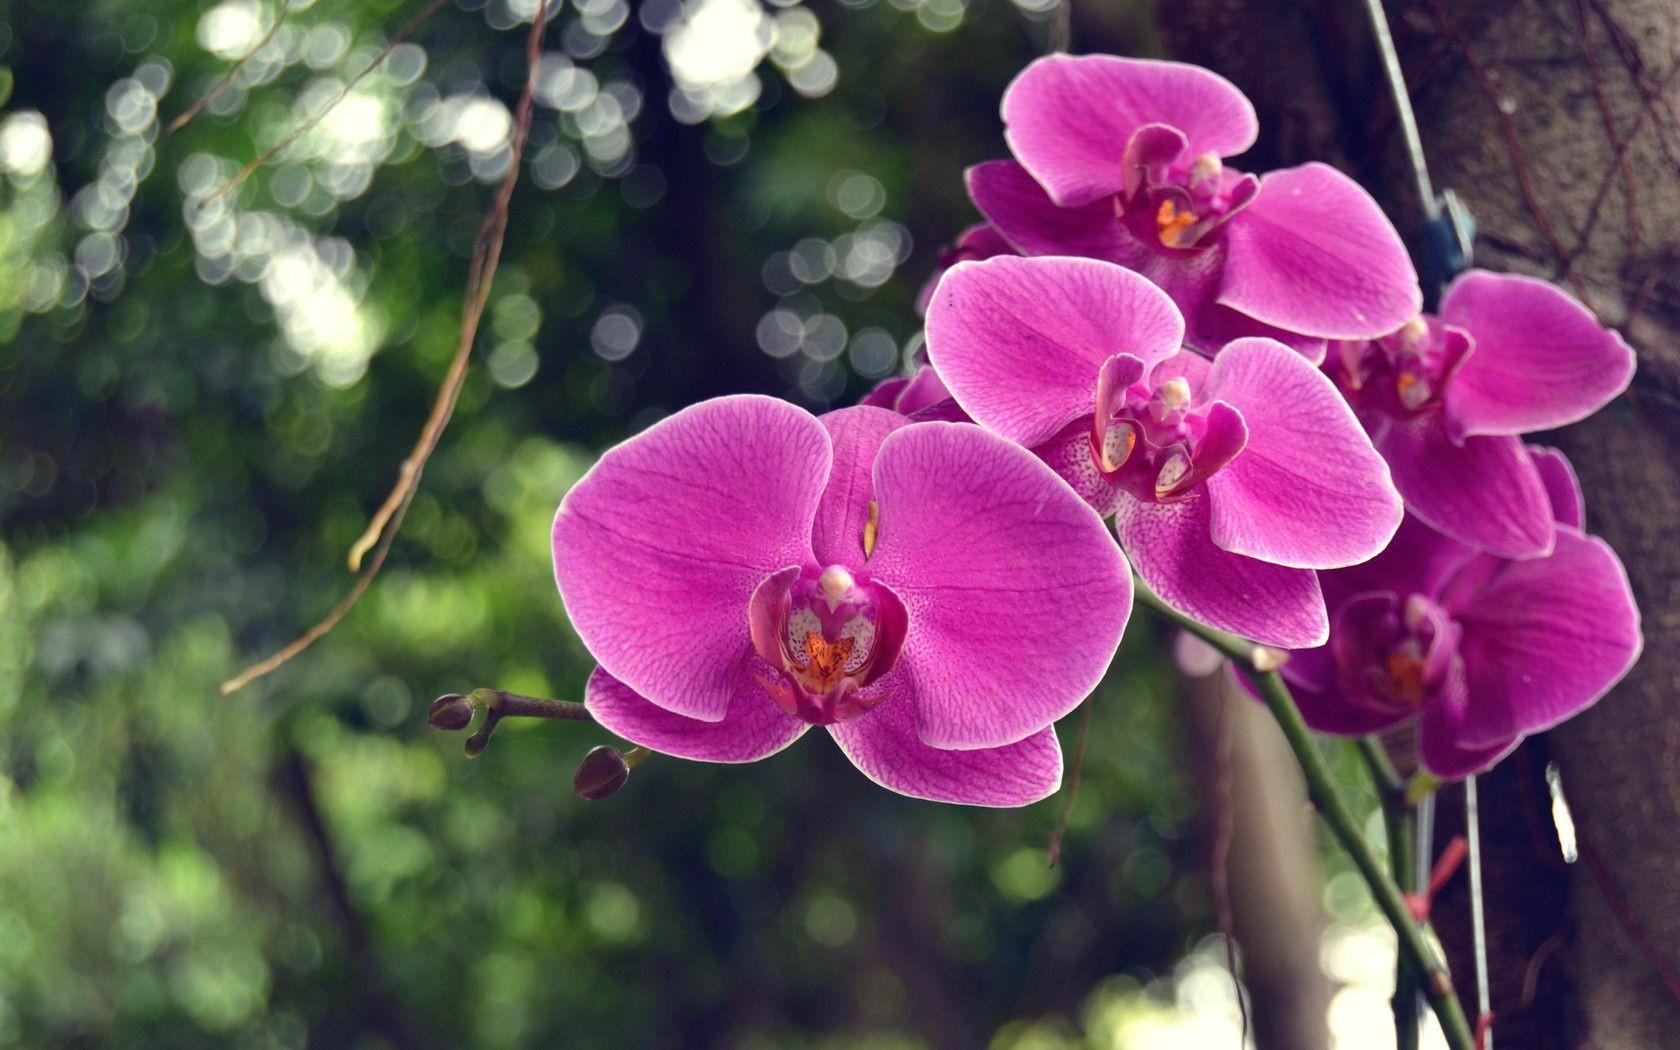 Любимая моя, картинки орхидеи на рабочий стол красивые большие на весь экран